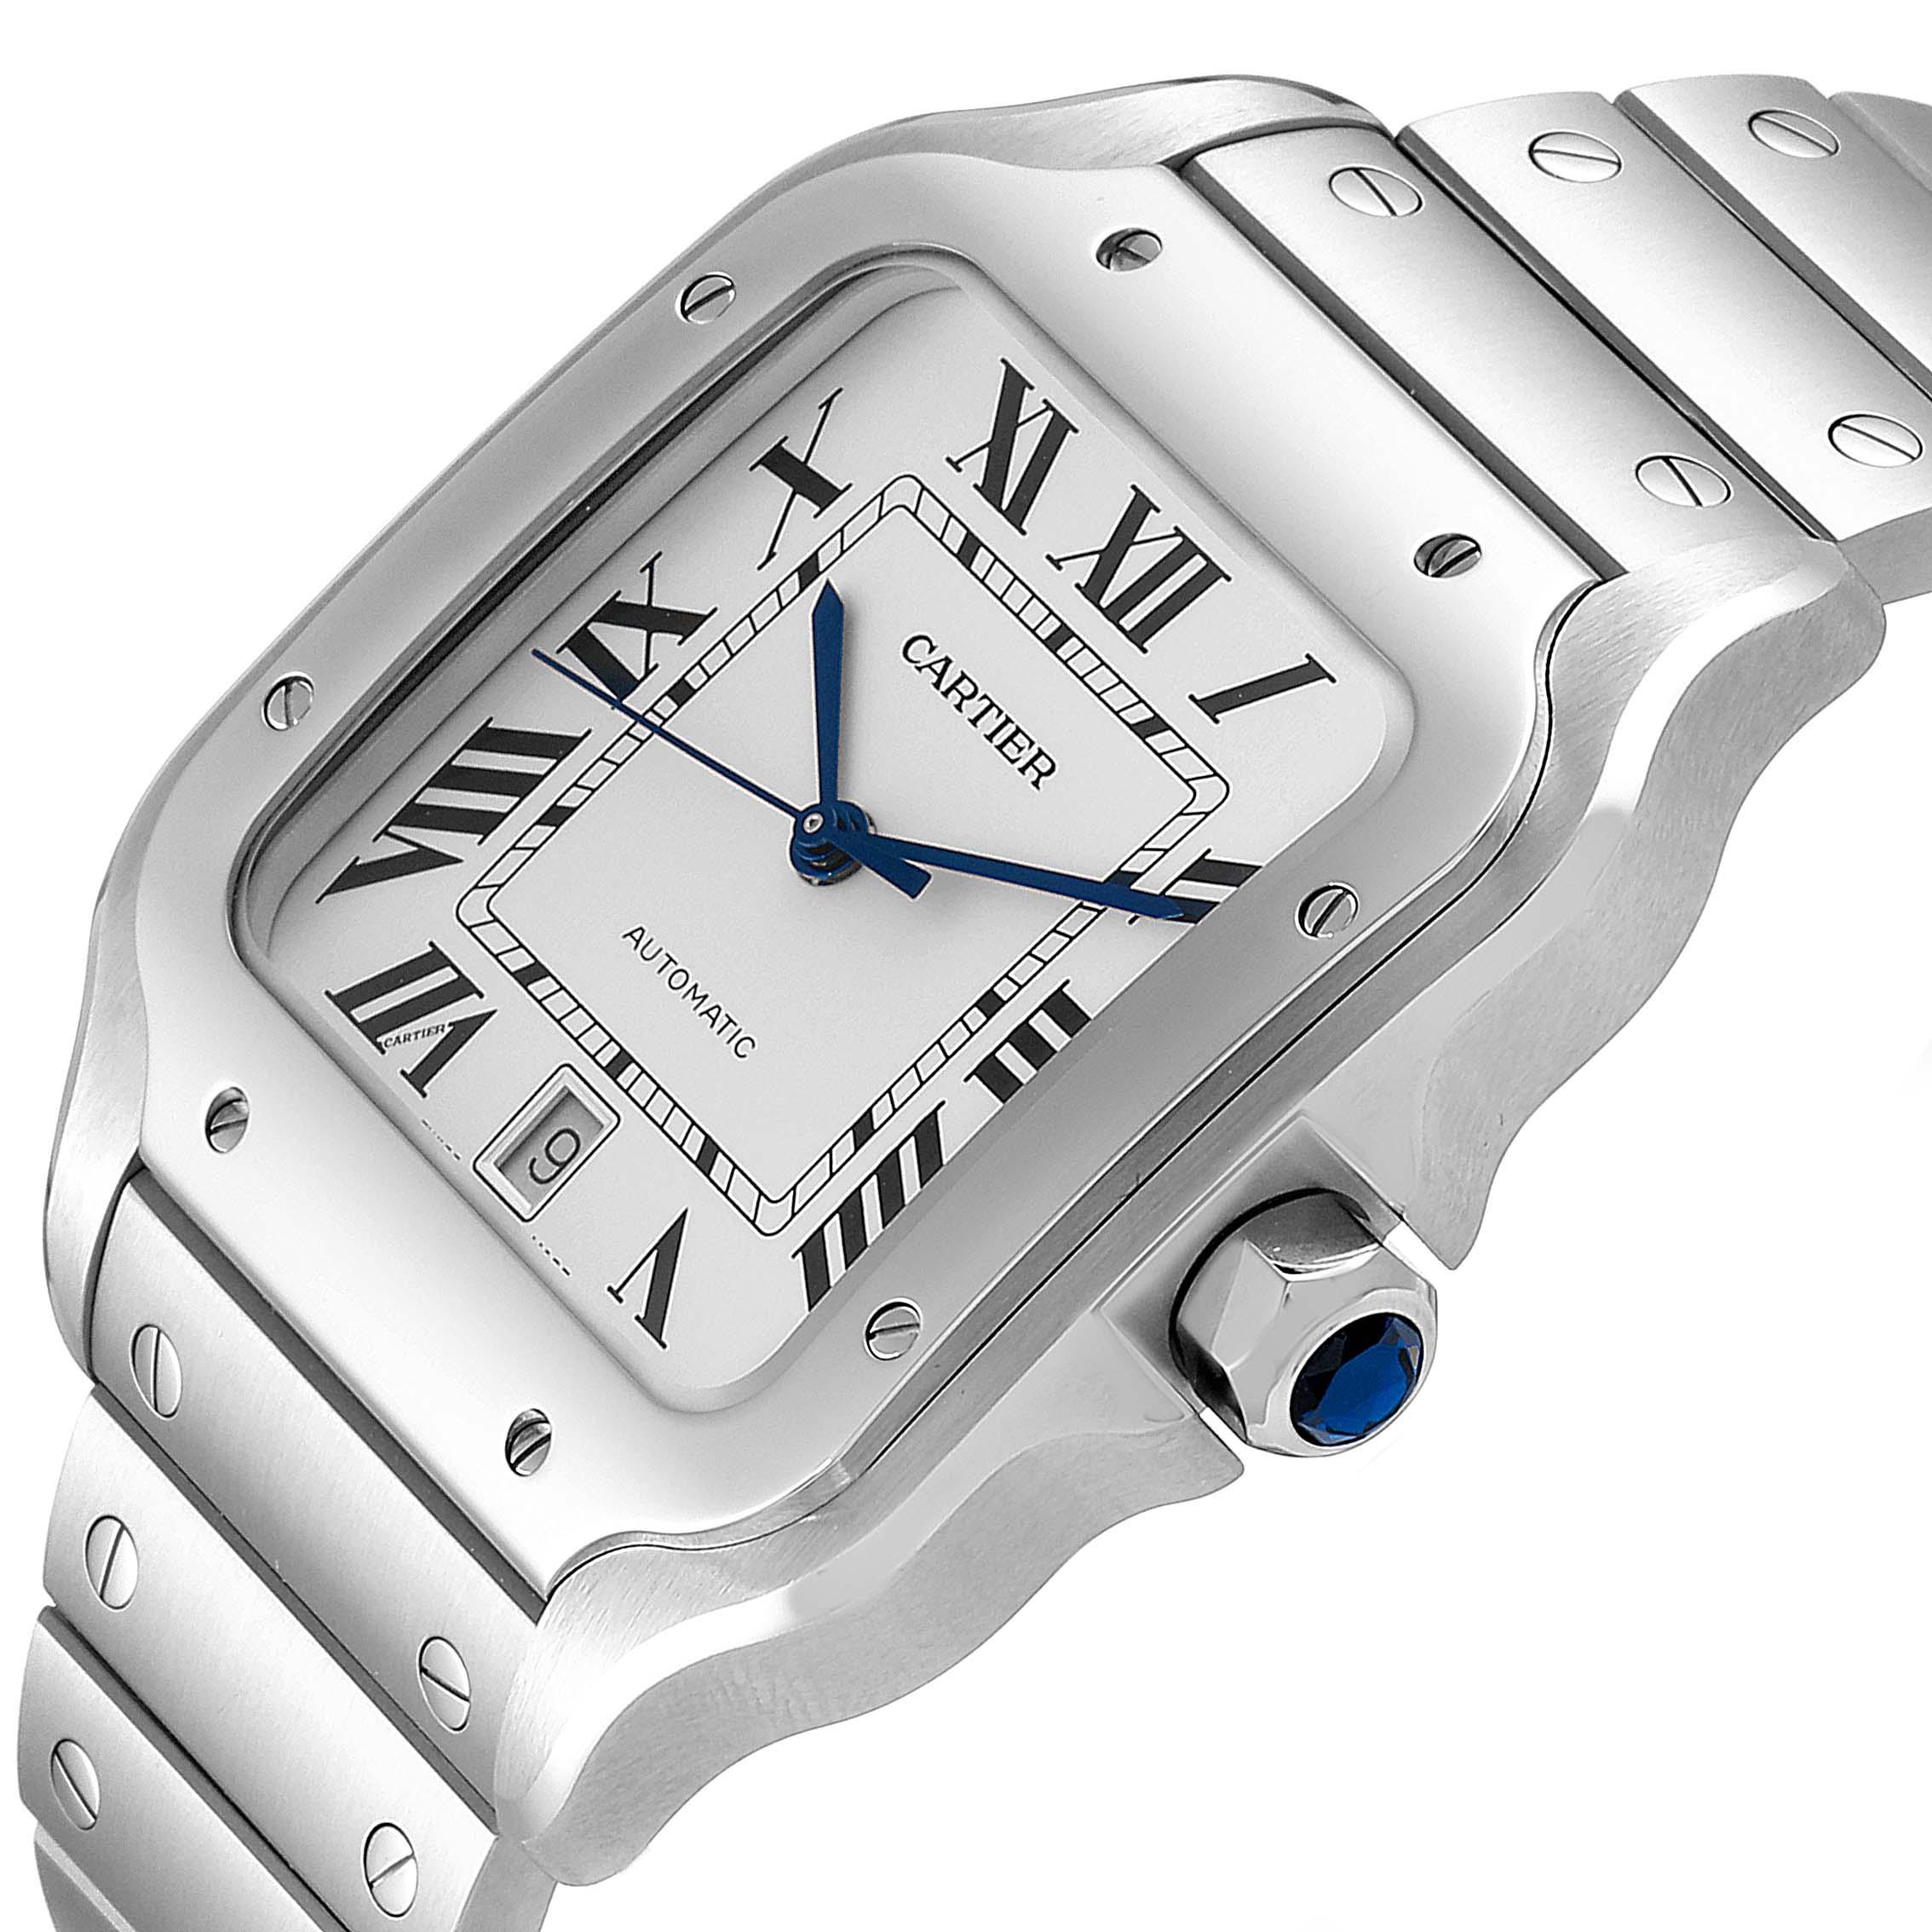 Cartier Santos Silver Dial Large Steel Mens Watch WSSA0018 Unworn SwissWatchExpo